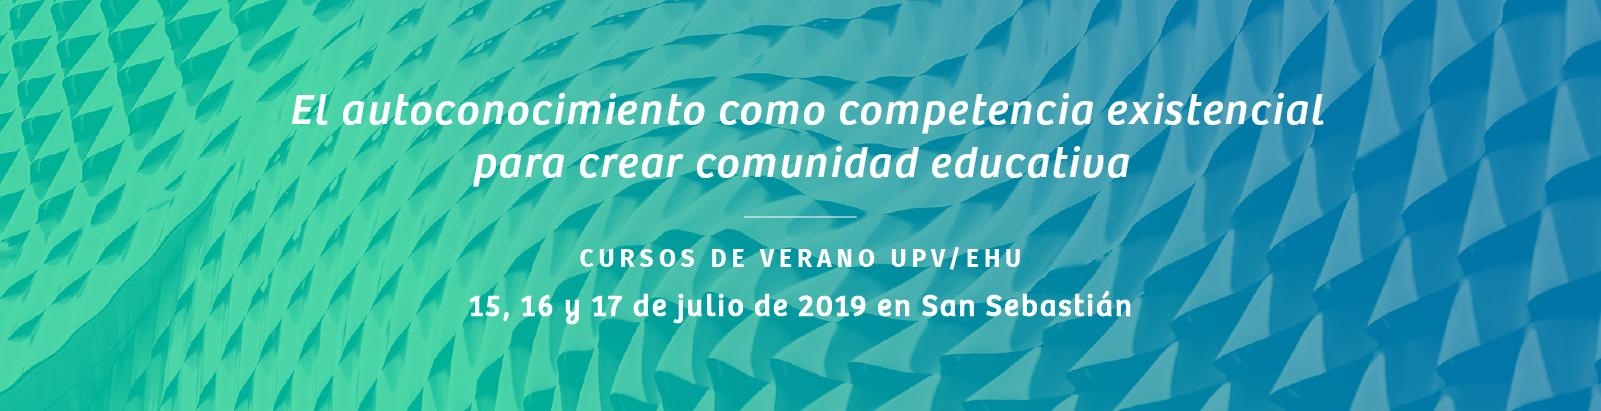 Curso de la Fundación Claudio Naranjo Cursos de Verano UPV 2019